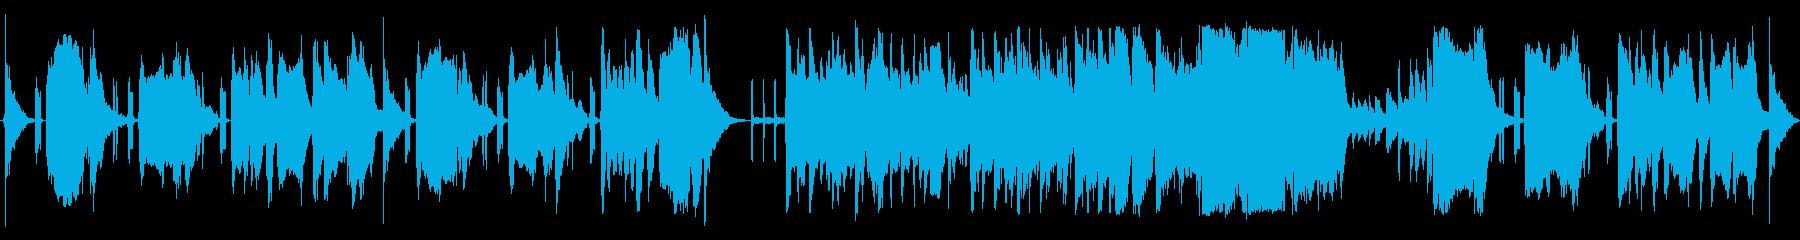 変なテンションのコメディ曲の再生済みの波形